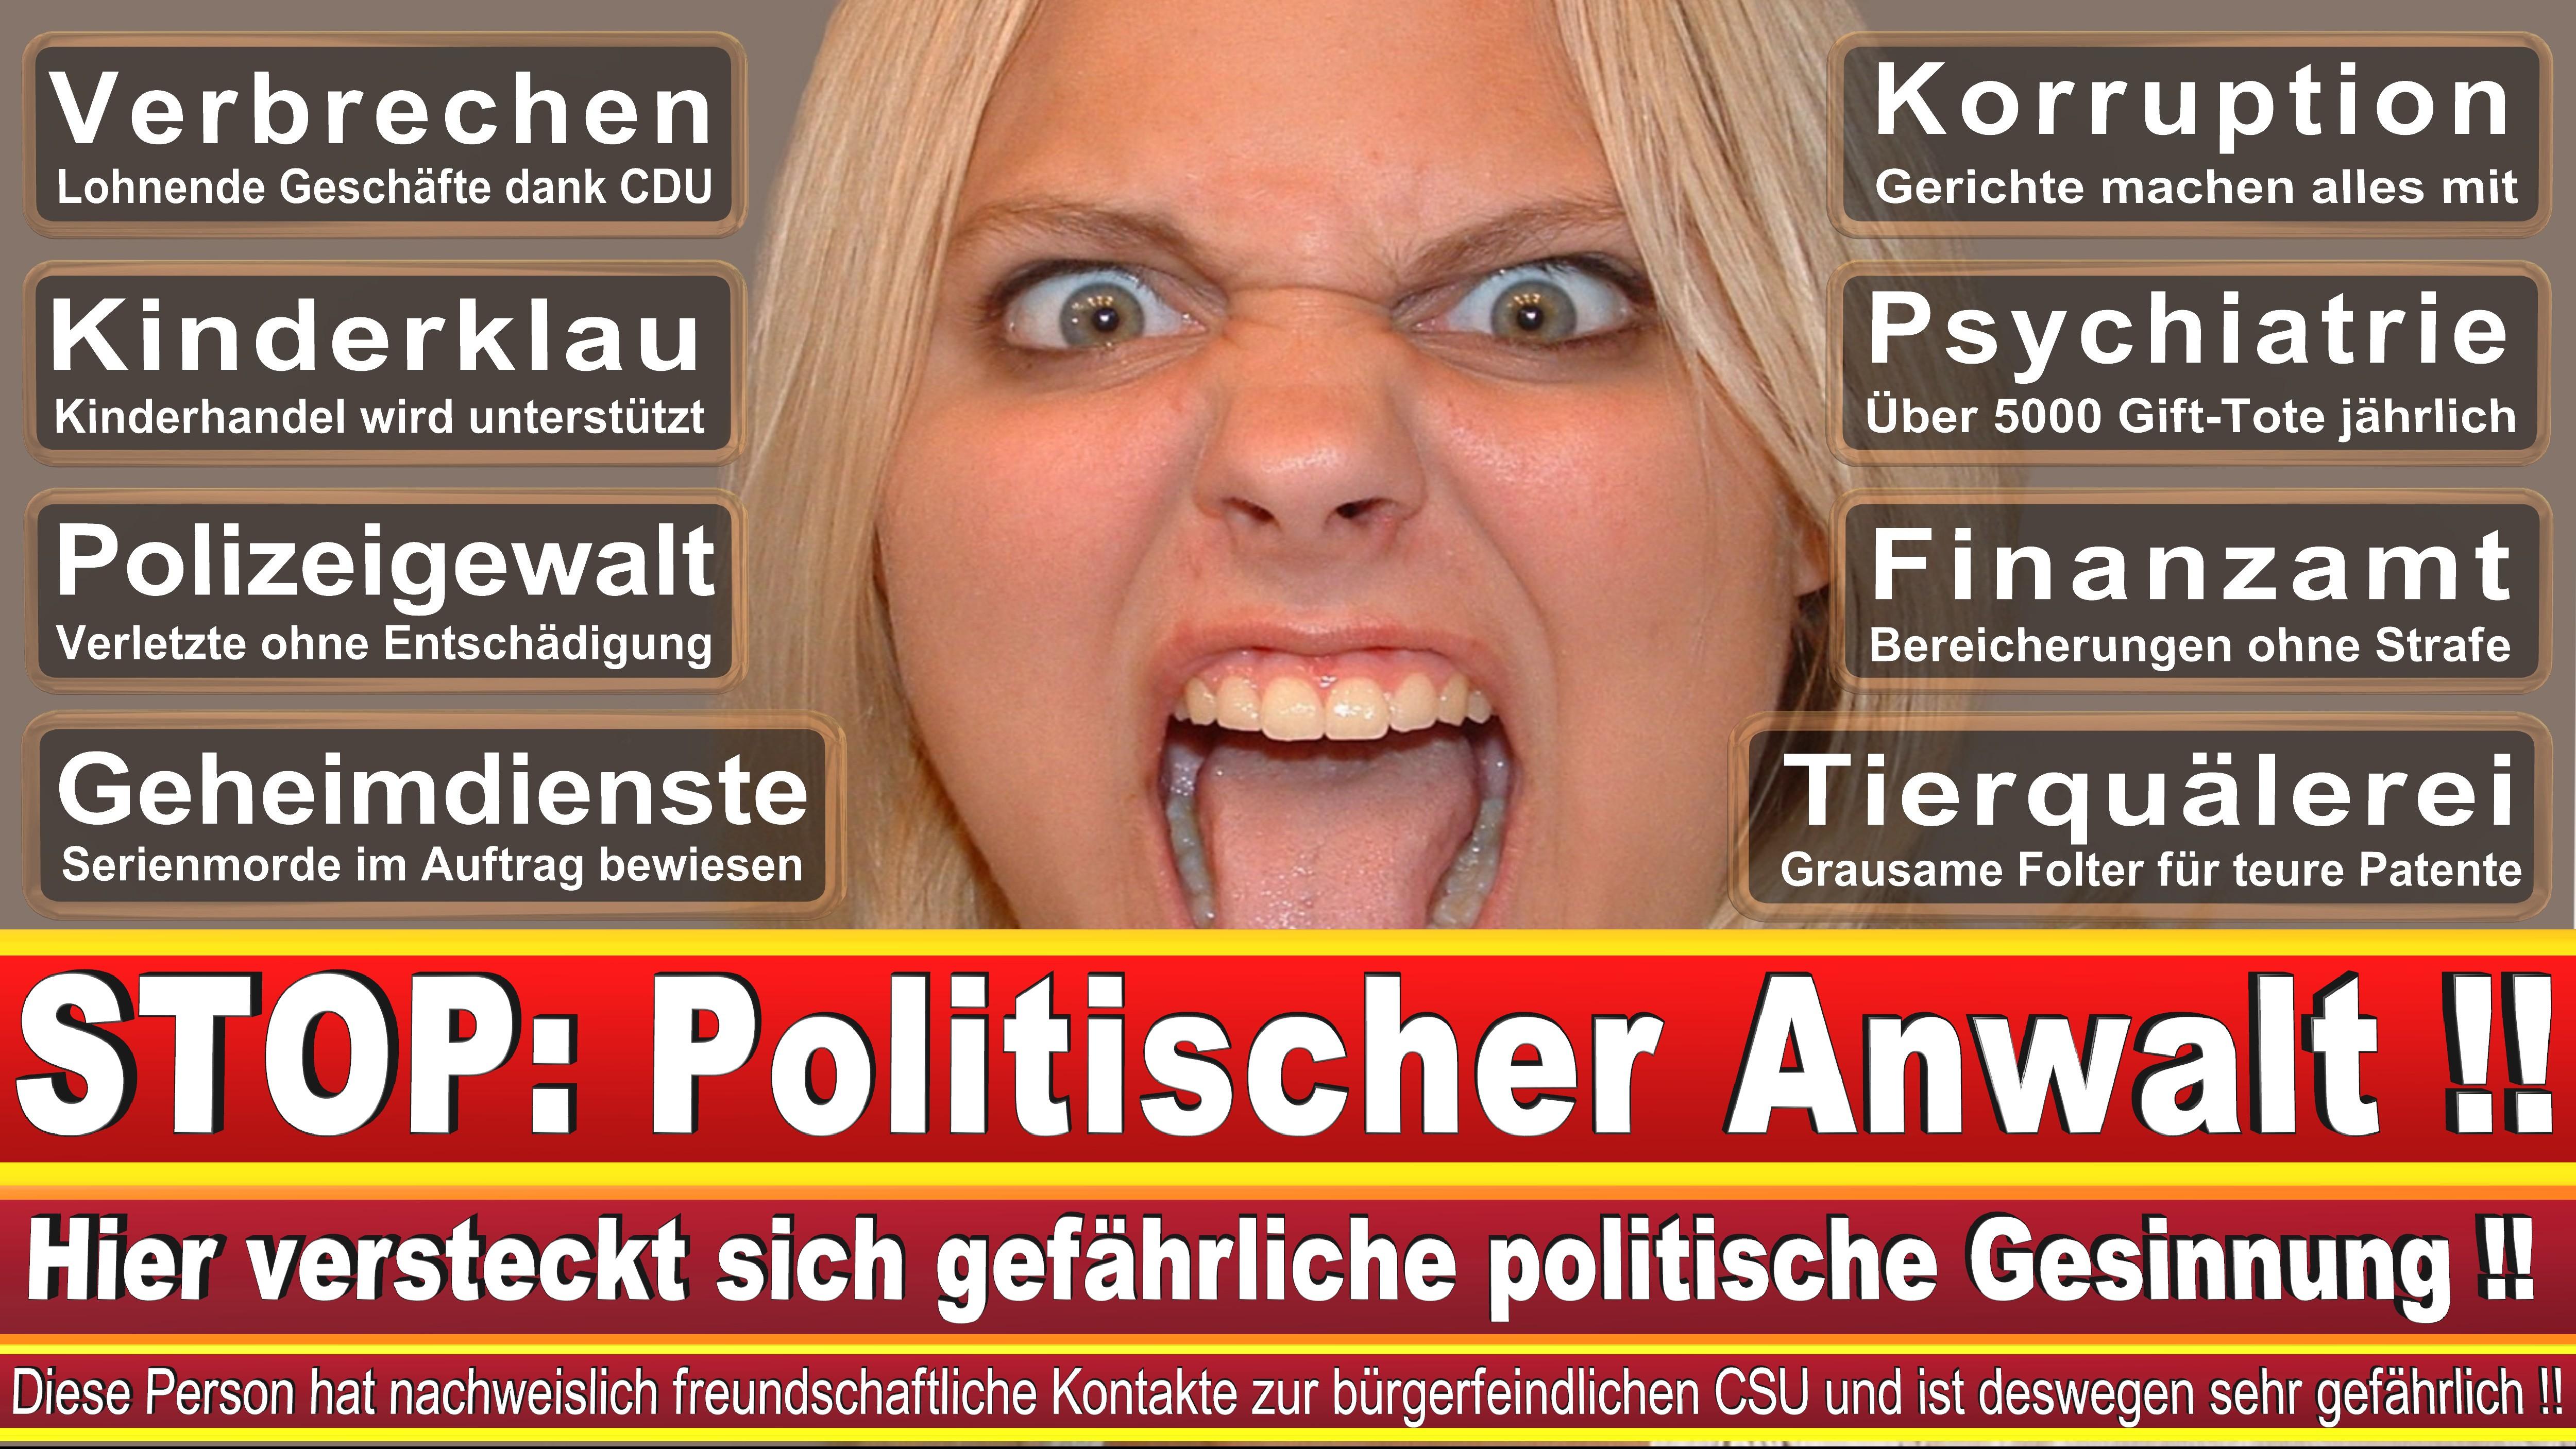 Rechtsanwalt Nicklas Michael Zielen Battenberg Eder Rechtsanwalt KanzLex Rechtsanwälte Ammenwerth Krummel